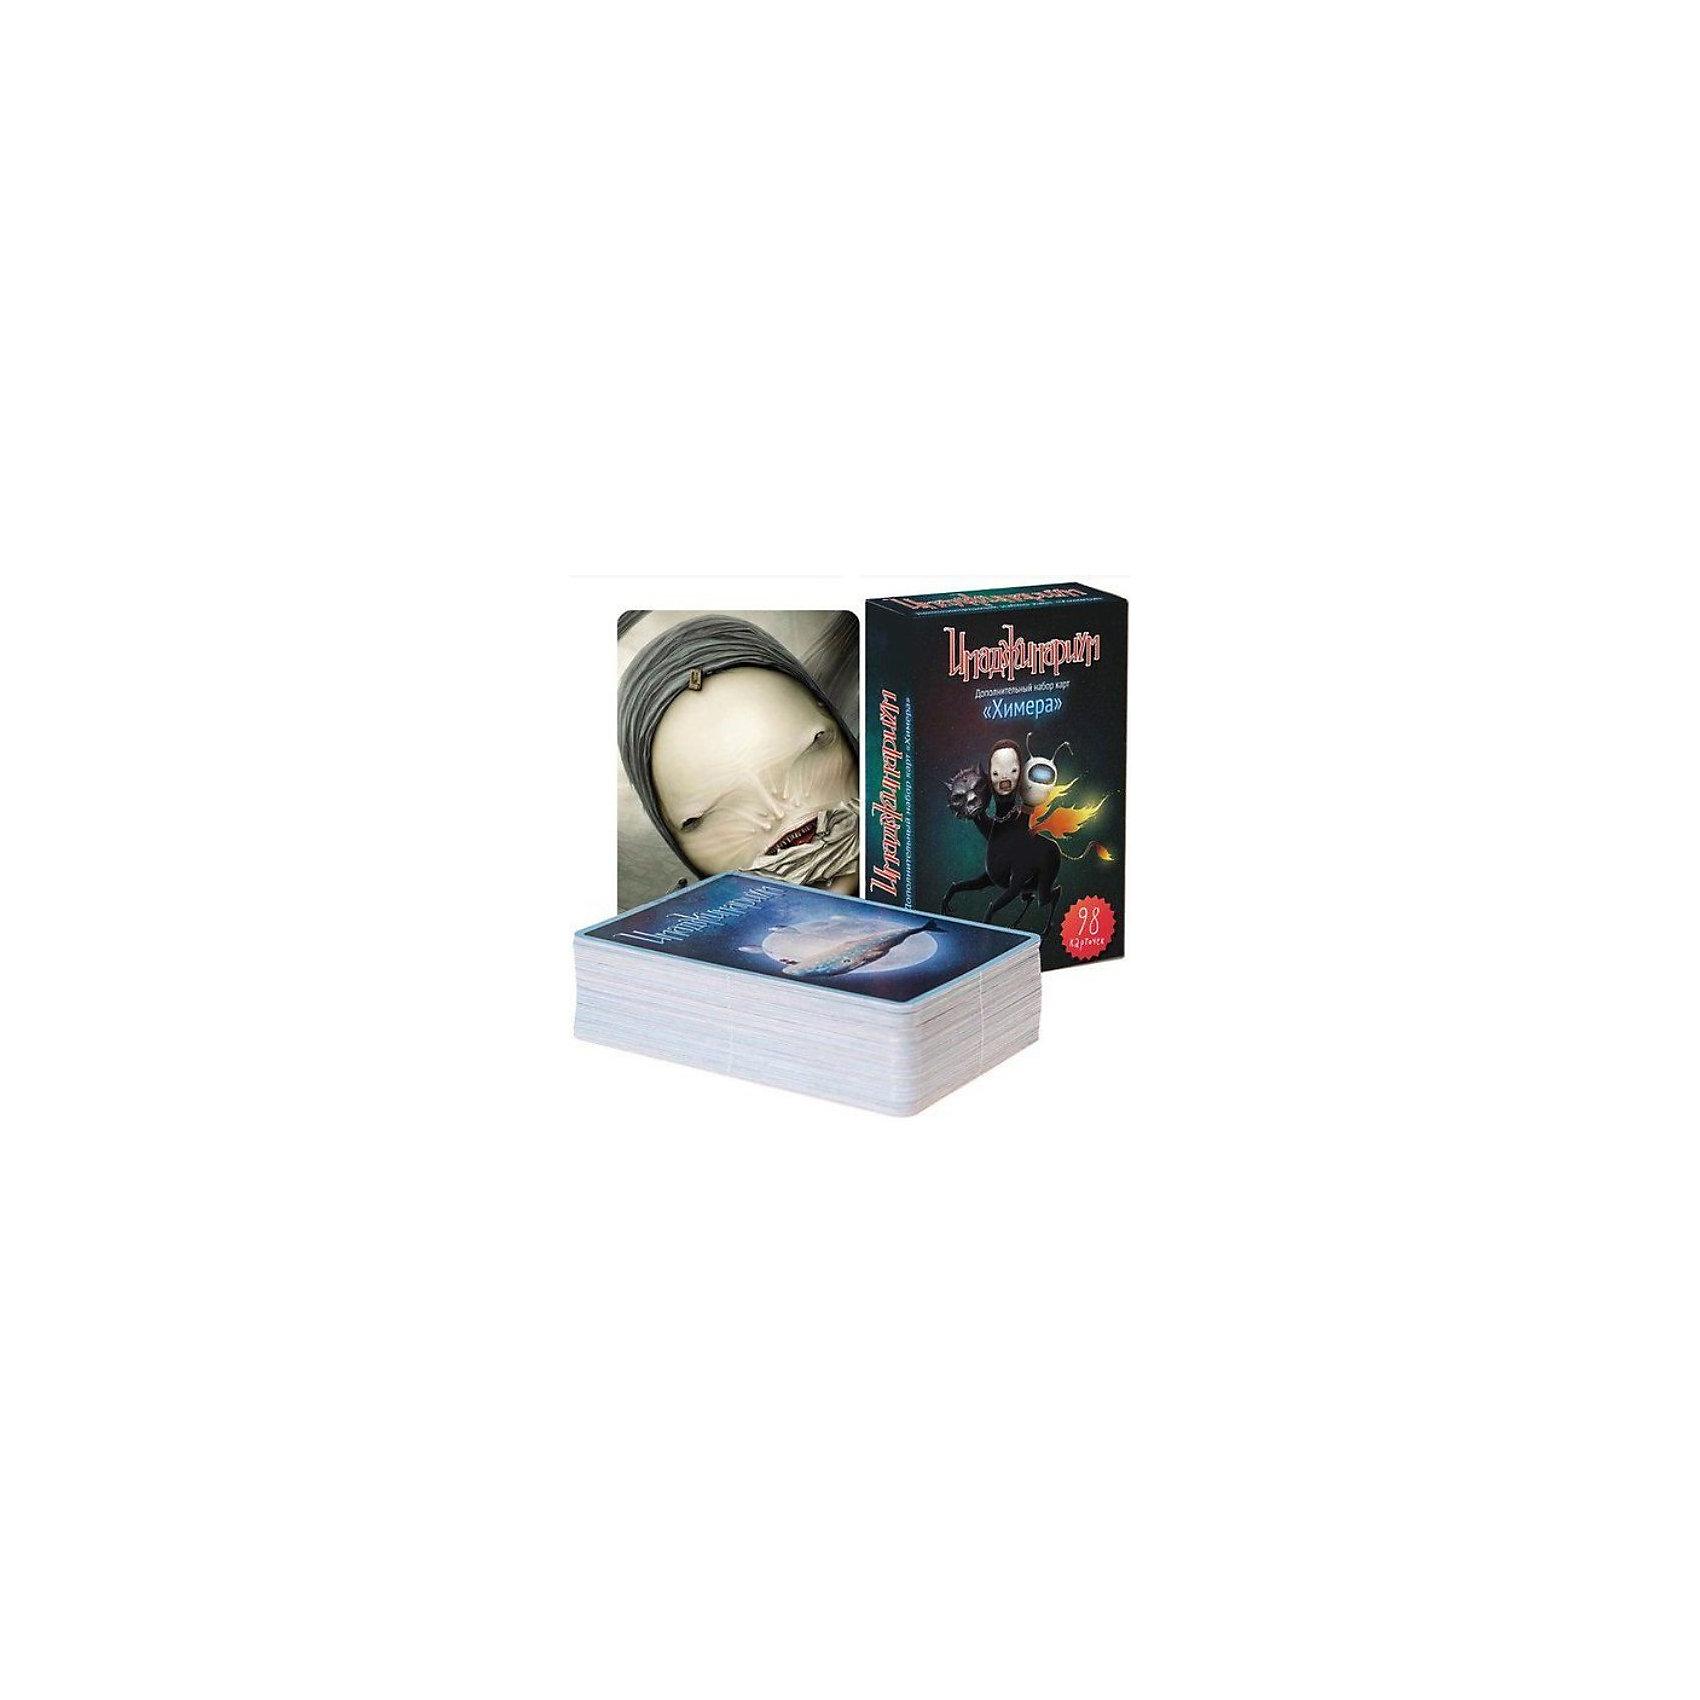 Имаджинариум Дополнительный набор ХимераКаждая партия в Имаджинариум – это путешествие в мир бессознательного. В этот раз вы отправитесь самую глубокую и самую темную его часть. Туда, где живут ваши детские страхи, ваши потаенные фобии и пороки.  <br>Дополнительный набор Химера – не просто очередная коллекция увлекательных картинок.  Это 98 леденящих кровь иллюстраций:  жутких, откровенных, отвратительных, но вместе с  тем - невероятно красивых и пугающе притягательных.<br><br>Основная идея игры: - собрать побольше страшных и при этом очень привлекательных в плане разглядывания картинок, к которым невероятно интересно придумывать ассоциации. Если вы любите весёлые партии, то, наверное, набор вам не очень понравится, но если вы цените Имаджинариум и обожаете новые необычные ощущения, то Химера - это то, что Вам надо.<br><br>Не играйте в Химеру с детьми, с людьми с неустойчивой психикой и со слишком впечатлительными натурами.<br>И лучше, не играйте в Химеру по ночам.<br><br>Ширина мм: 122<br>Глубина мм: 83<br>Высота мм: 35<br>Вес г: 260<br>Возраст от месяцев: 108<br>Возраст до месяцев: 1188<br>Пол: Унисекс<br>Возраст: Детский<br>SKU: 3202191